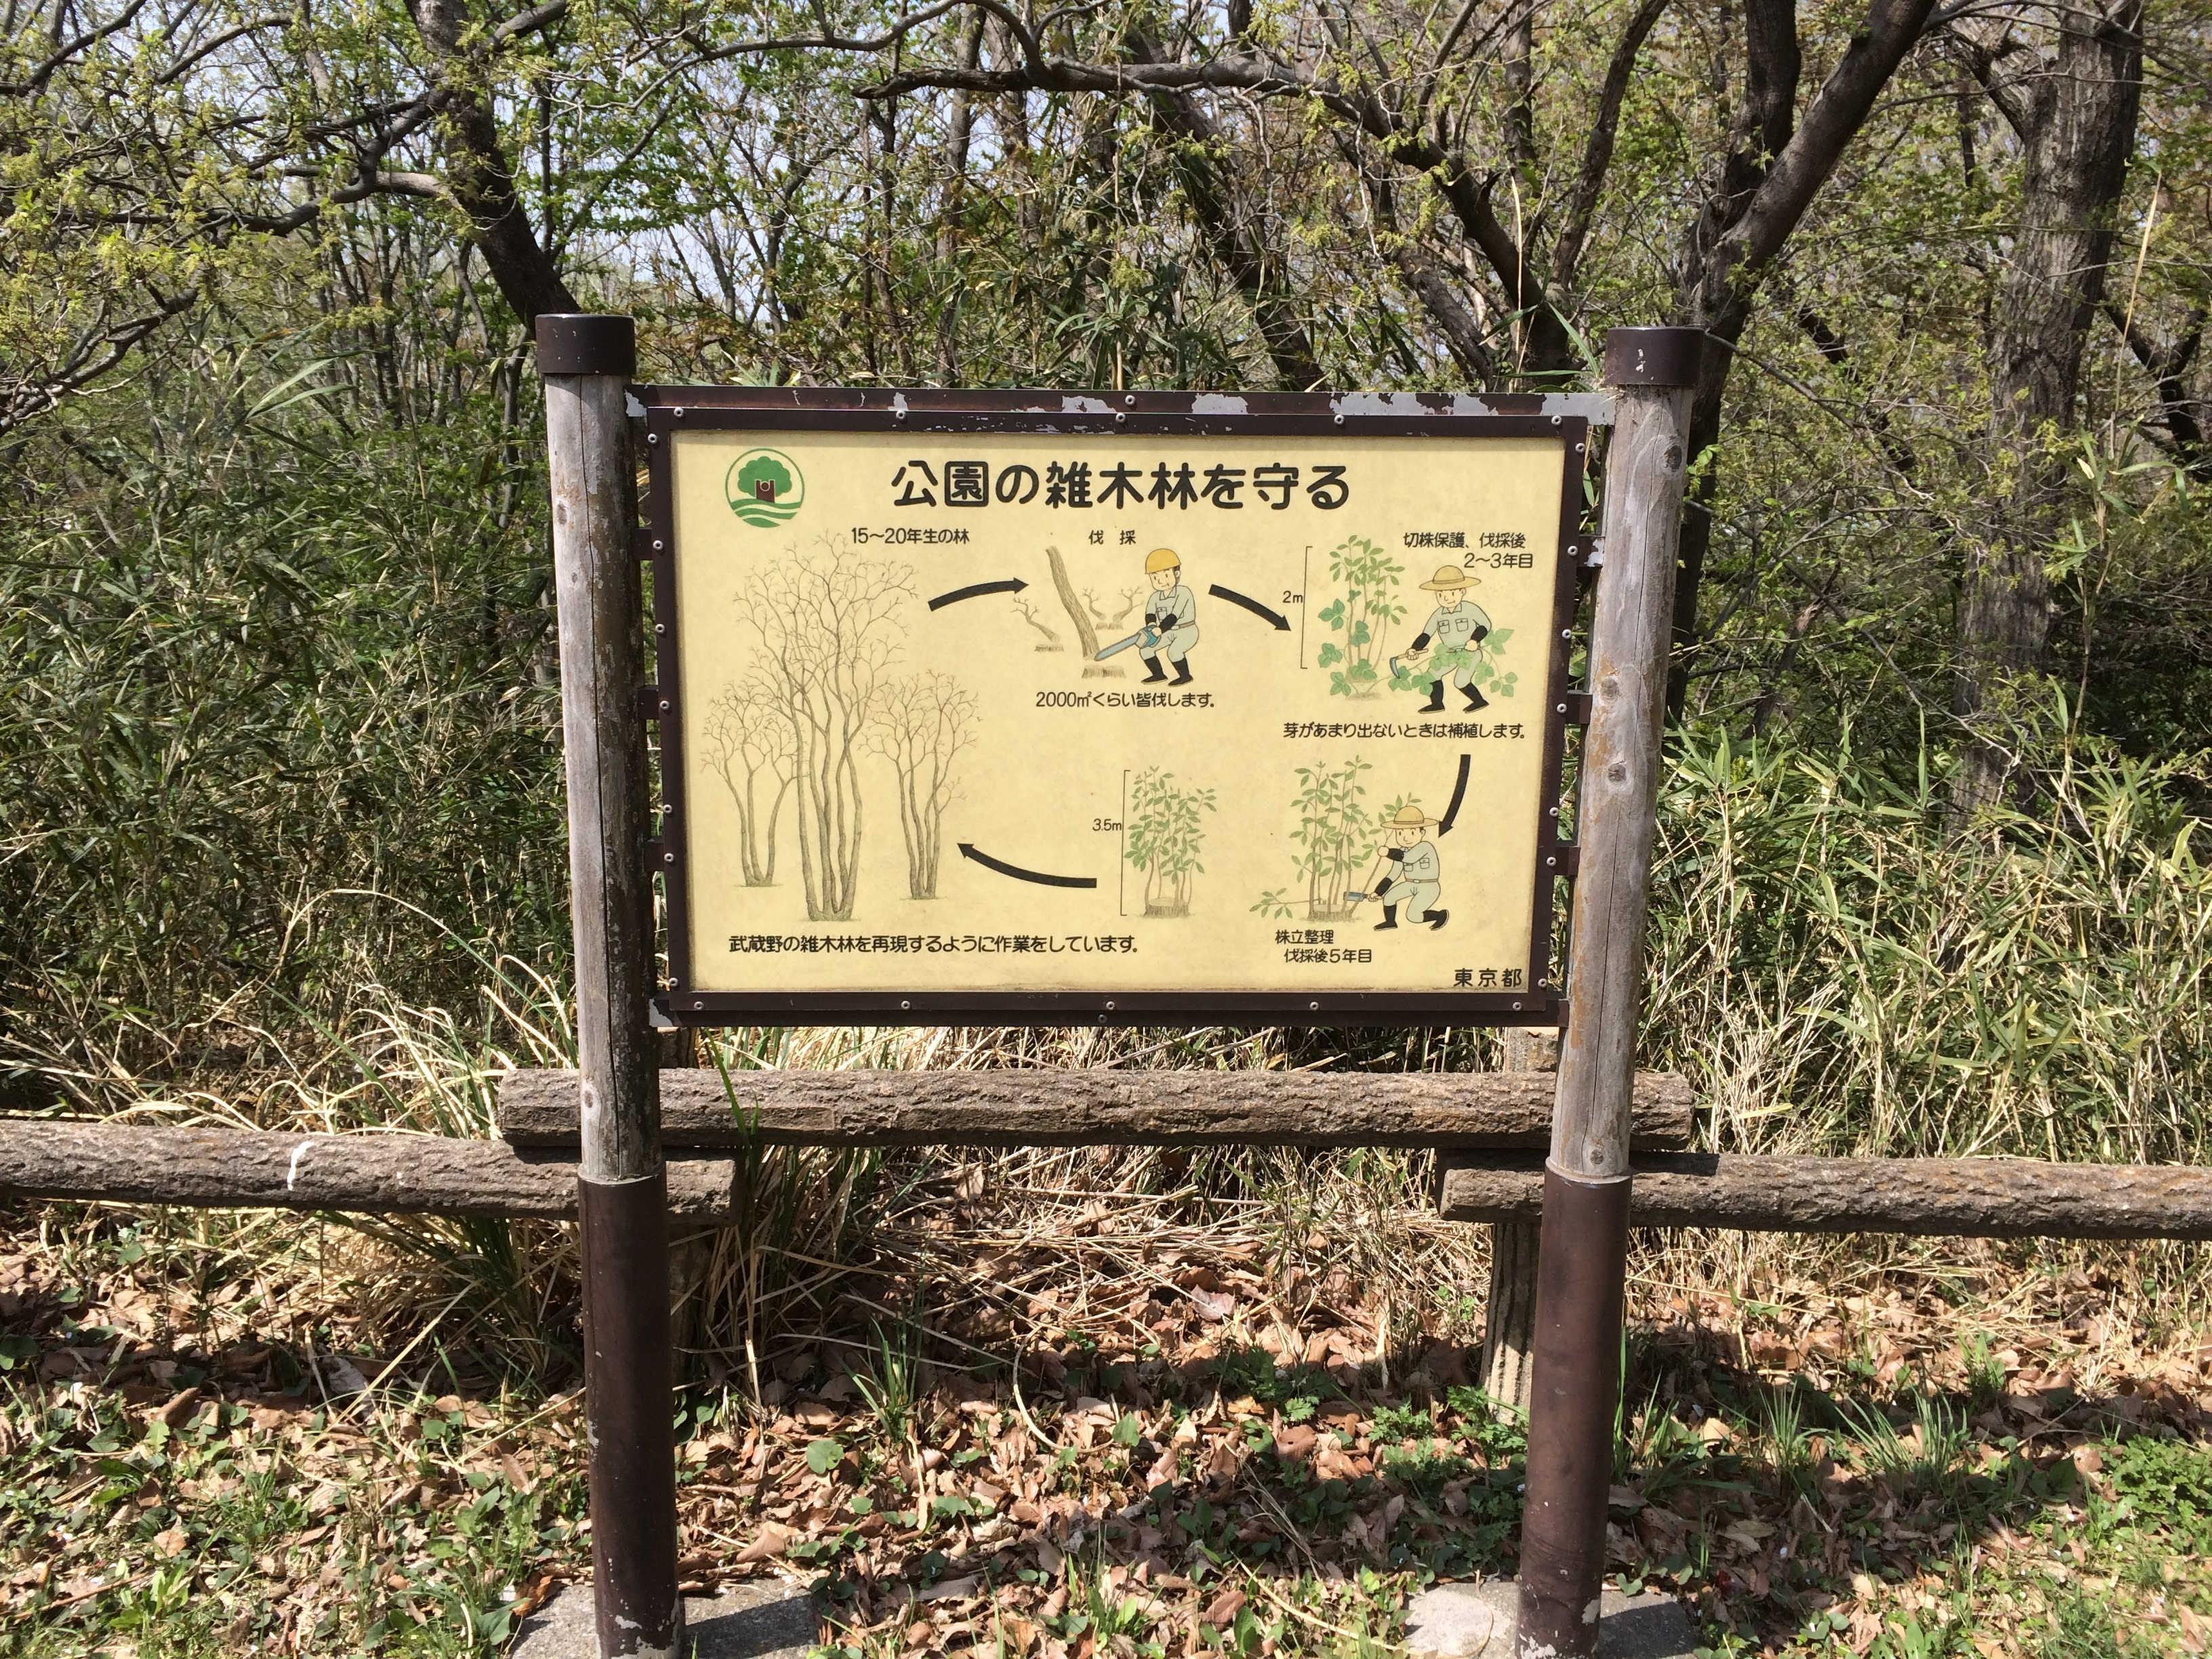 公園の雑木材を守る